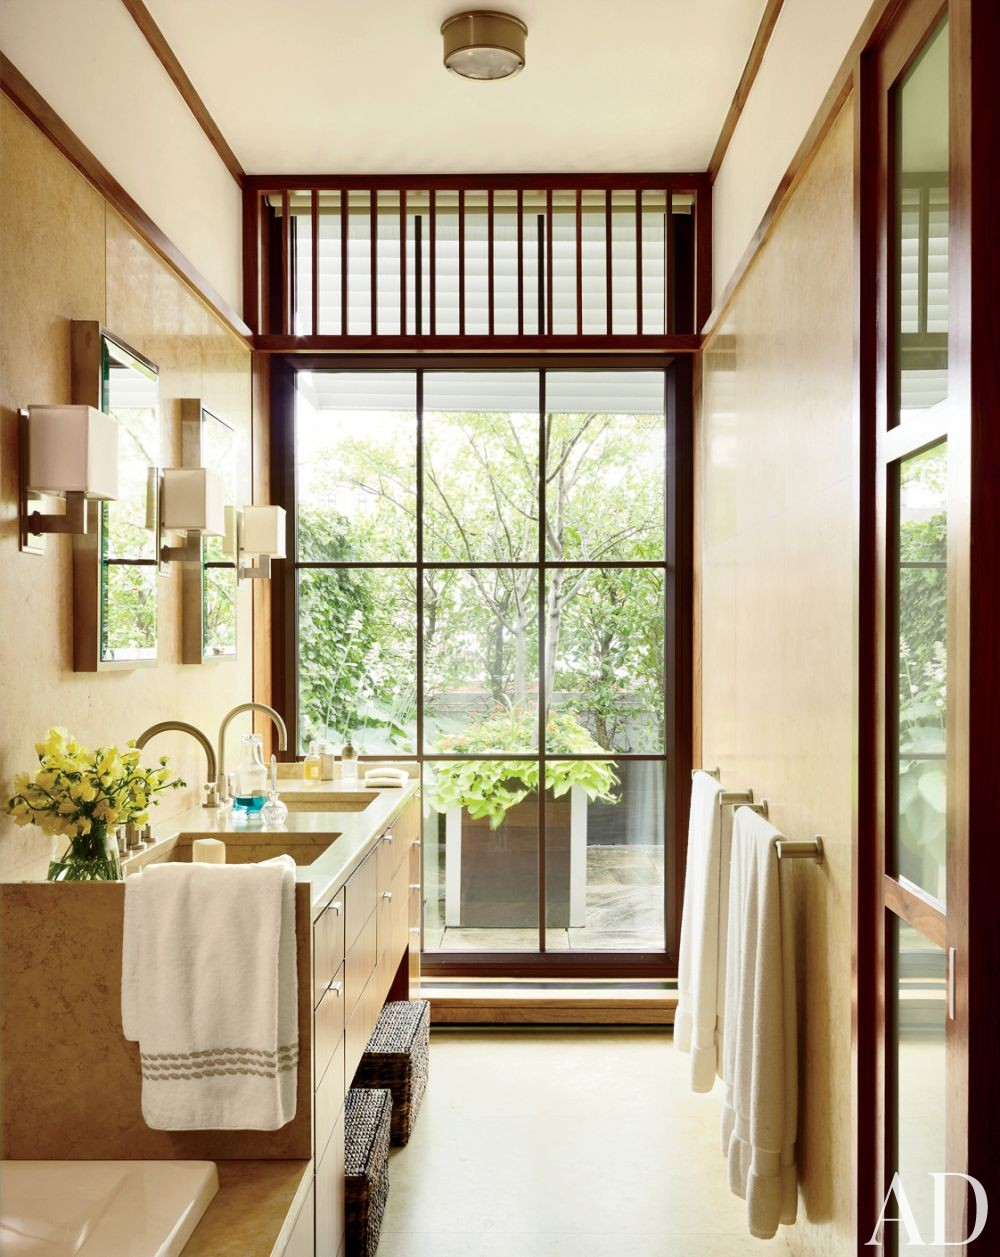 Modern Bathroom by De la Torre Design Studio and Cooper, Robertson & Partners in New York, New York